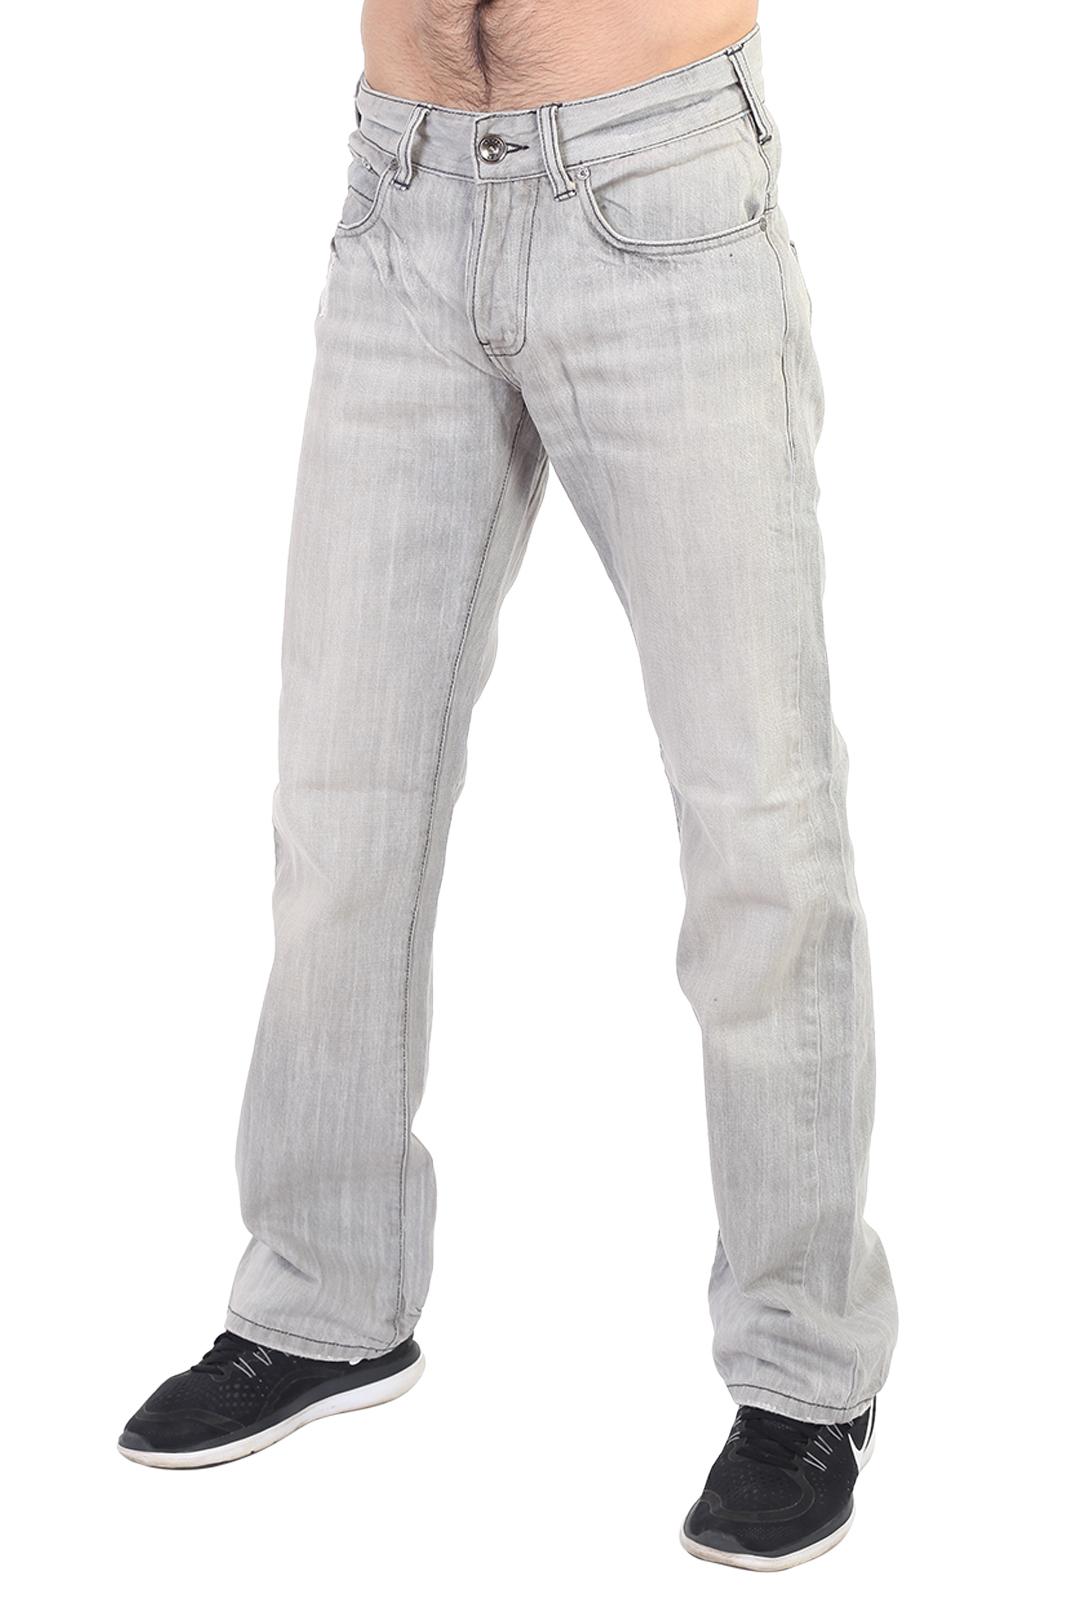 Лучшие мужские джинсы без наценок